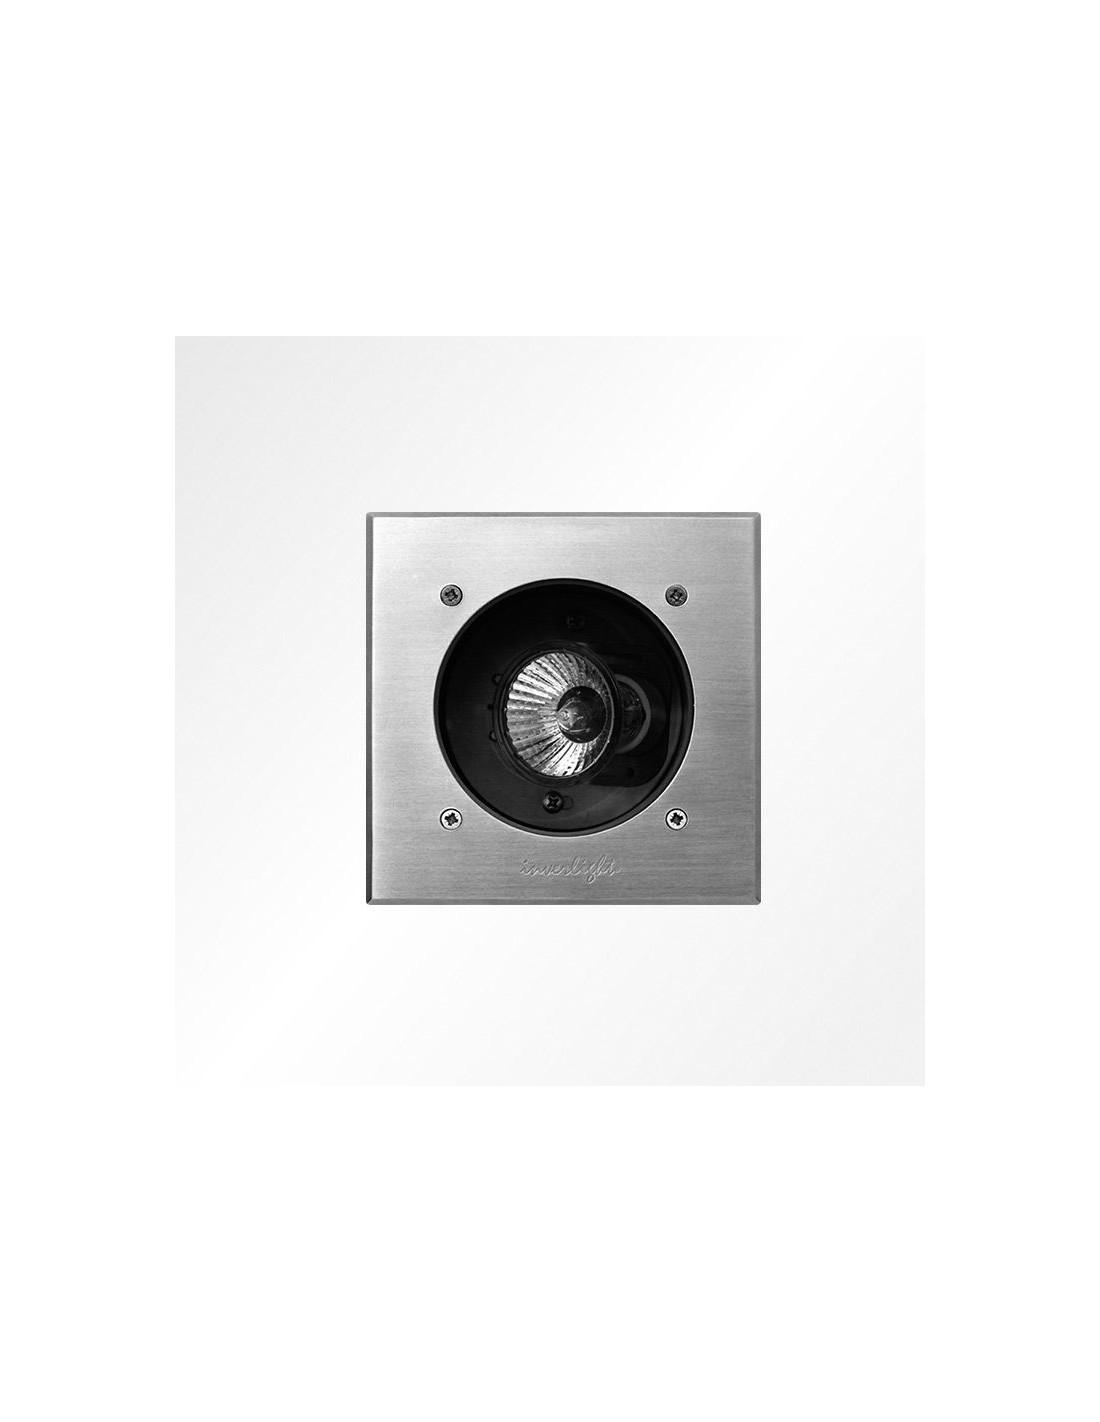 Spot Encastré Marell 13 Carré 230V en finition inox de Inverlight- Valente design